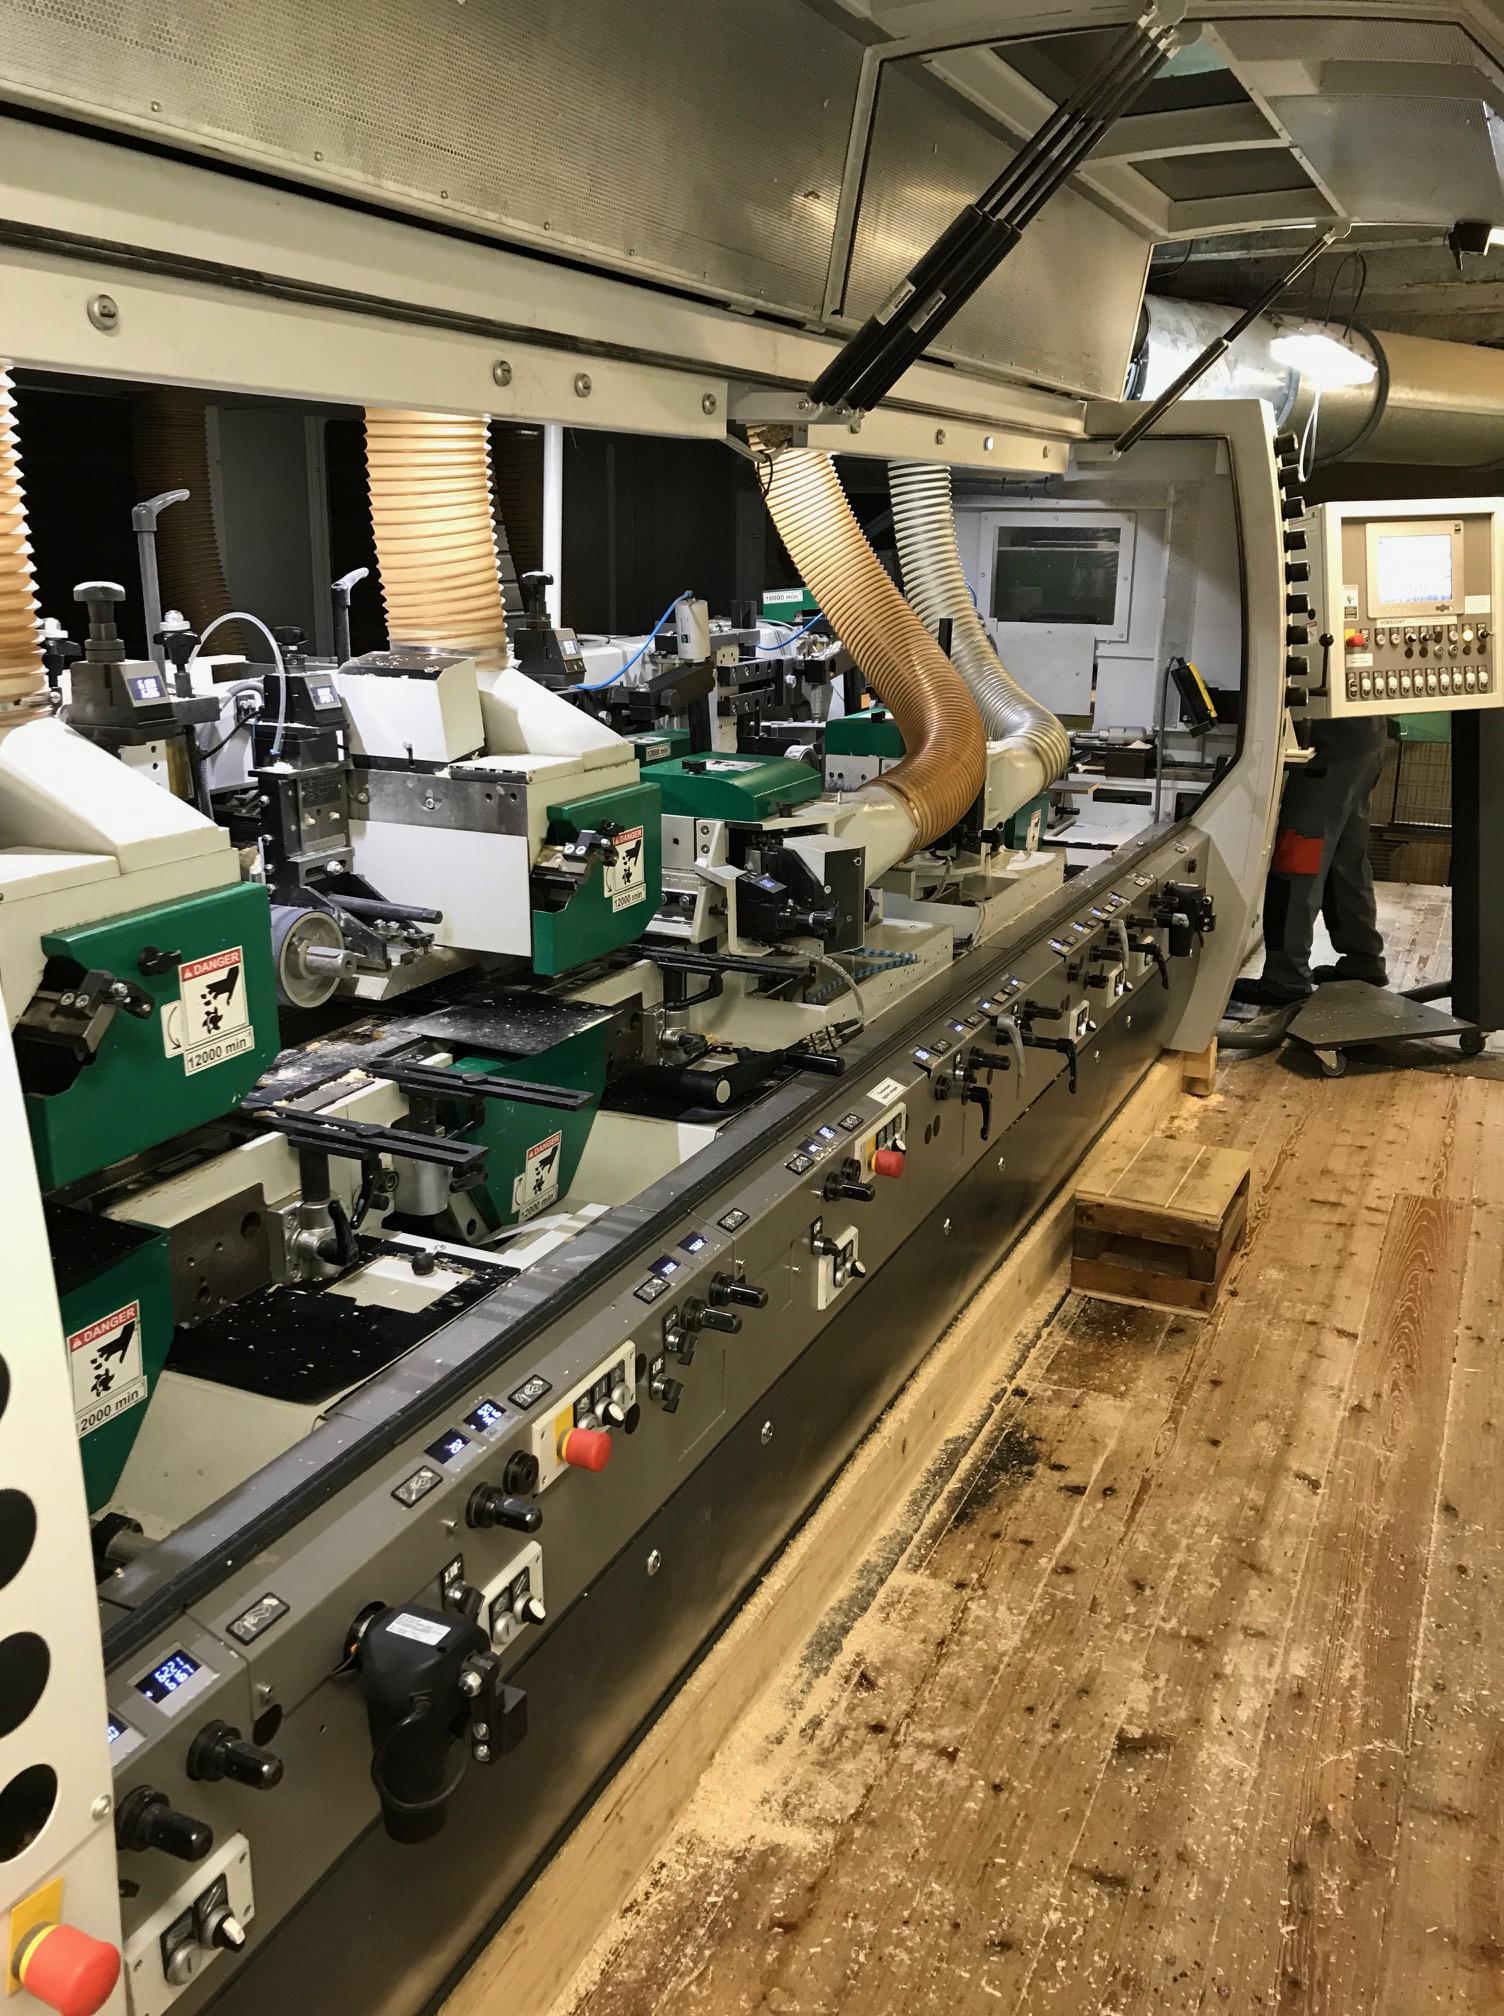 Betriebsführung bei Häussermann Holzbauteam von Holz-Hauff GmbH in Leingarten